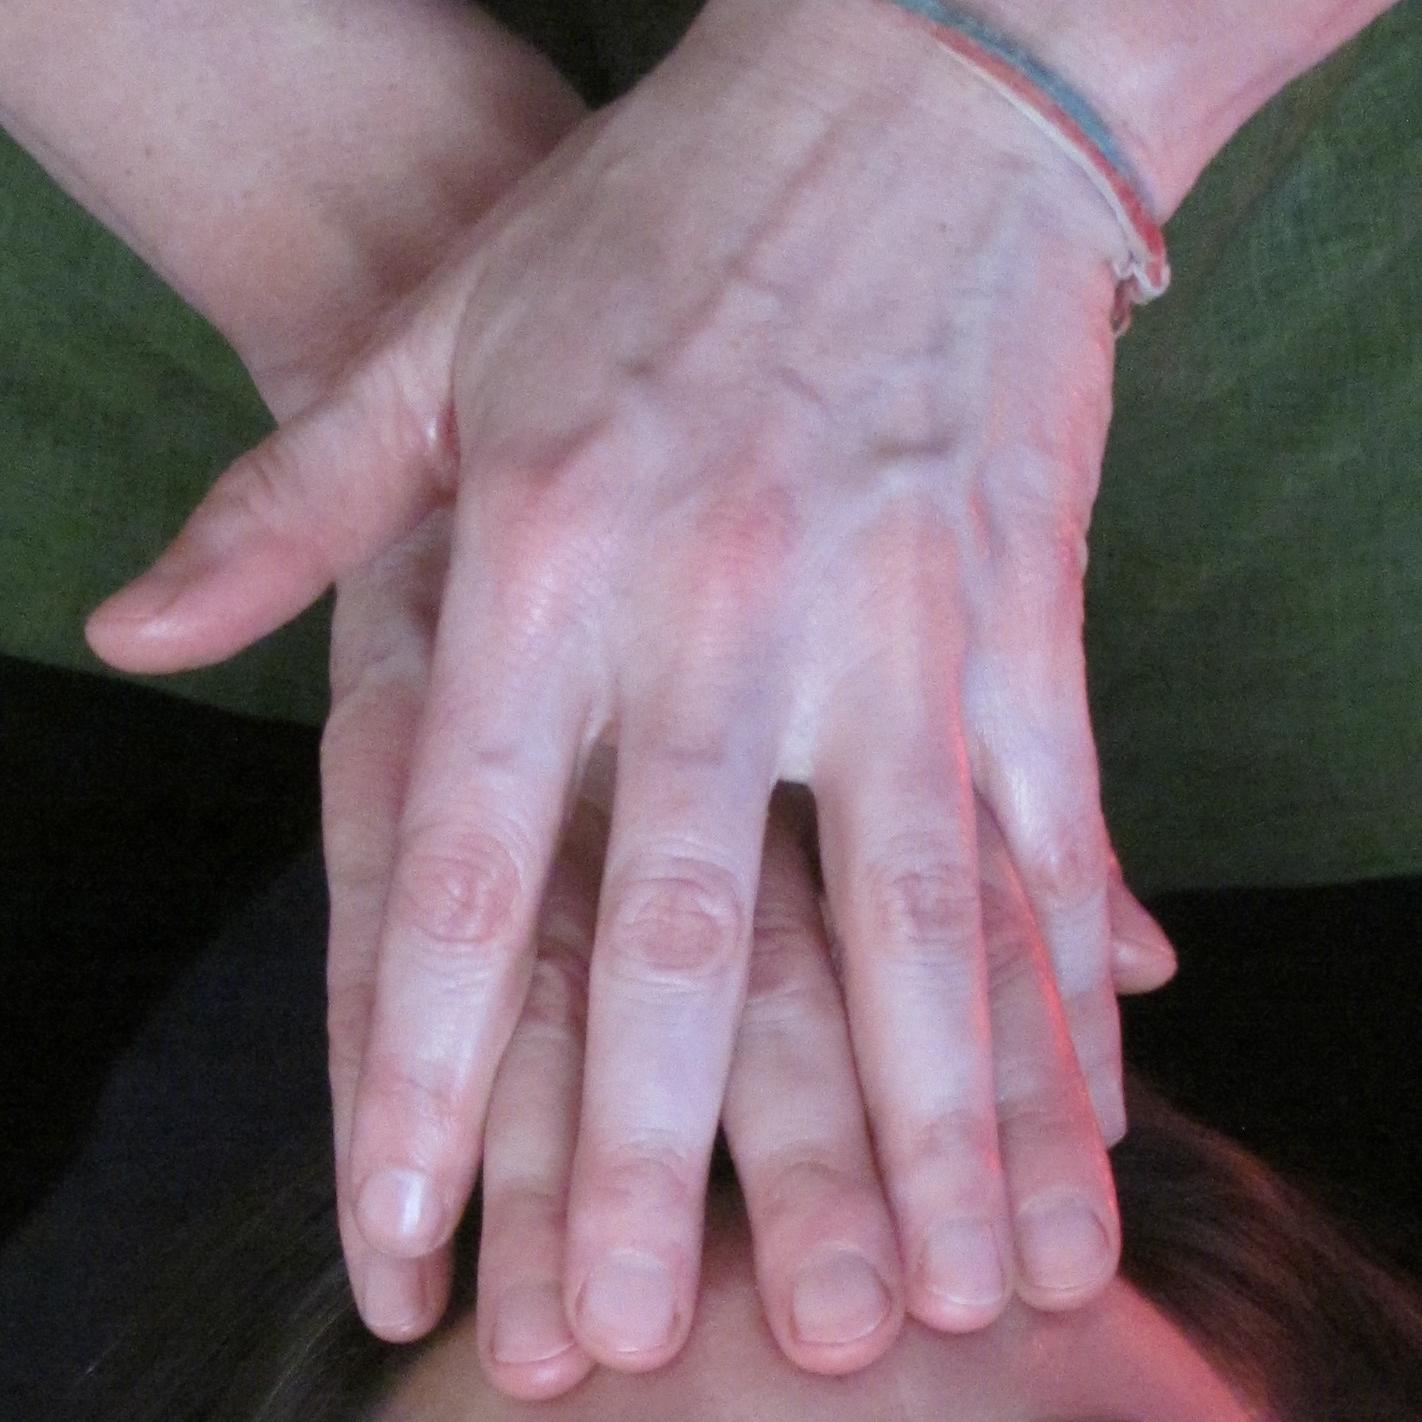 katie hands 3.JPG